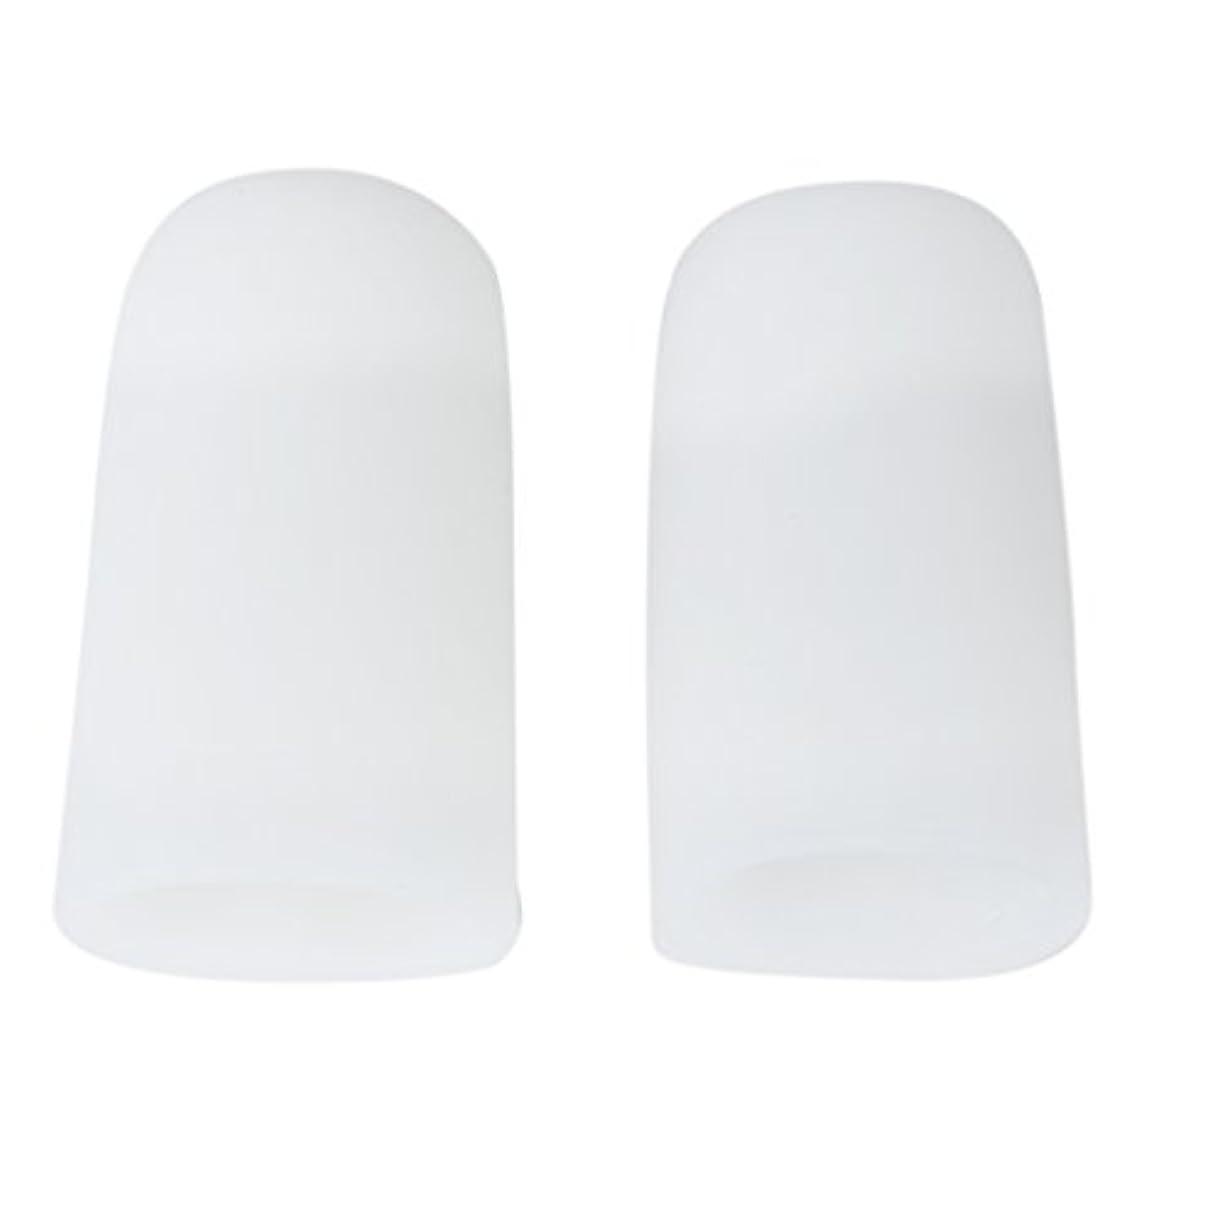 ミルク内なるパキスタン人【Footful】足指保護キャップ つま先プロテクター 足先のつめ保護キャップ シリコン (L)